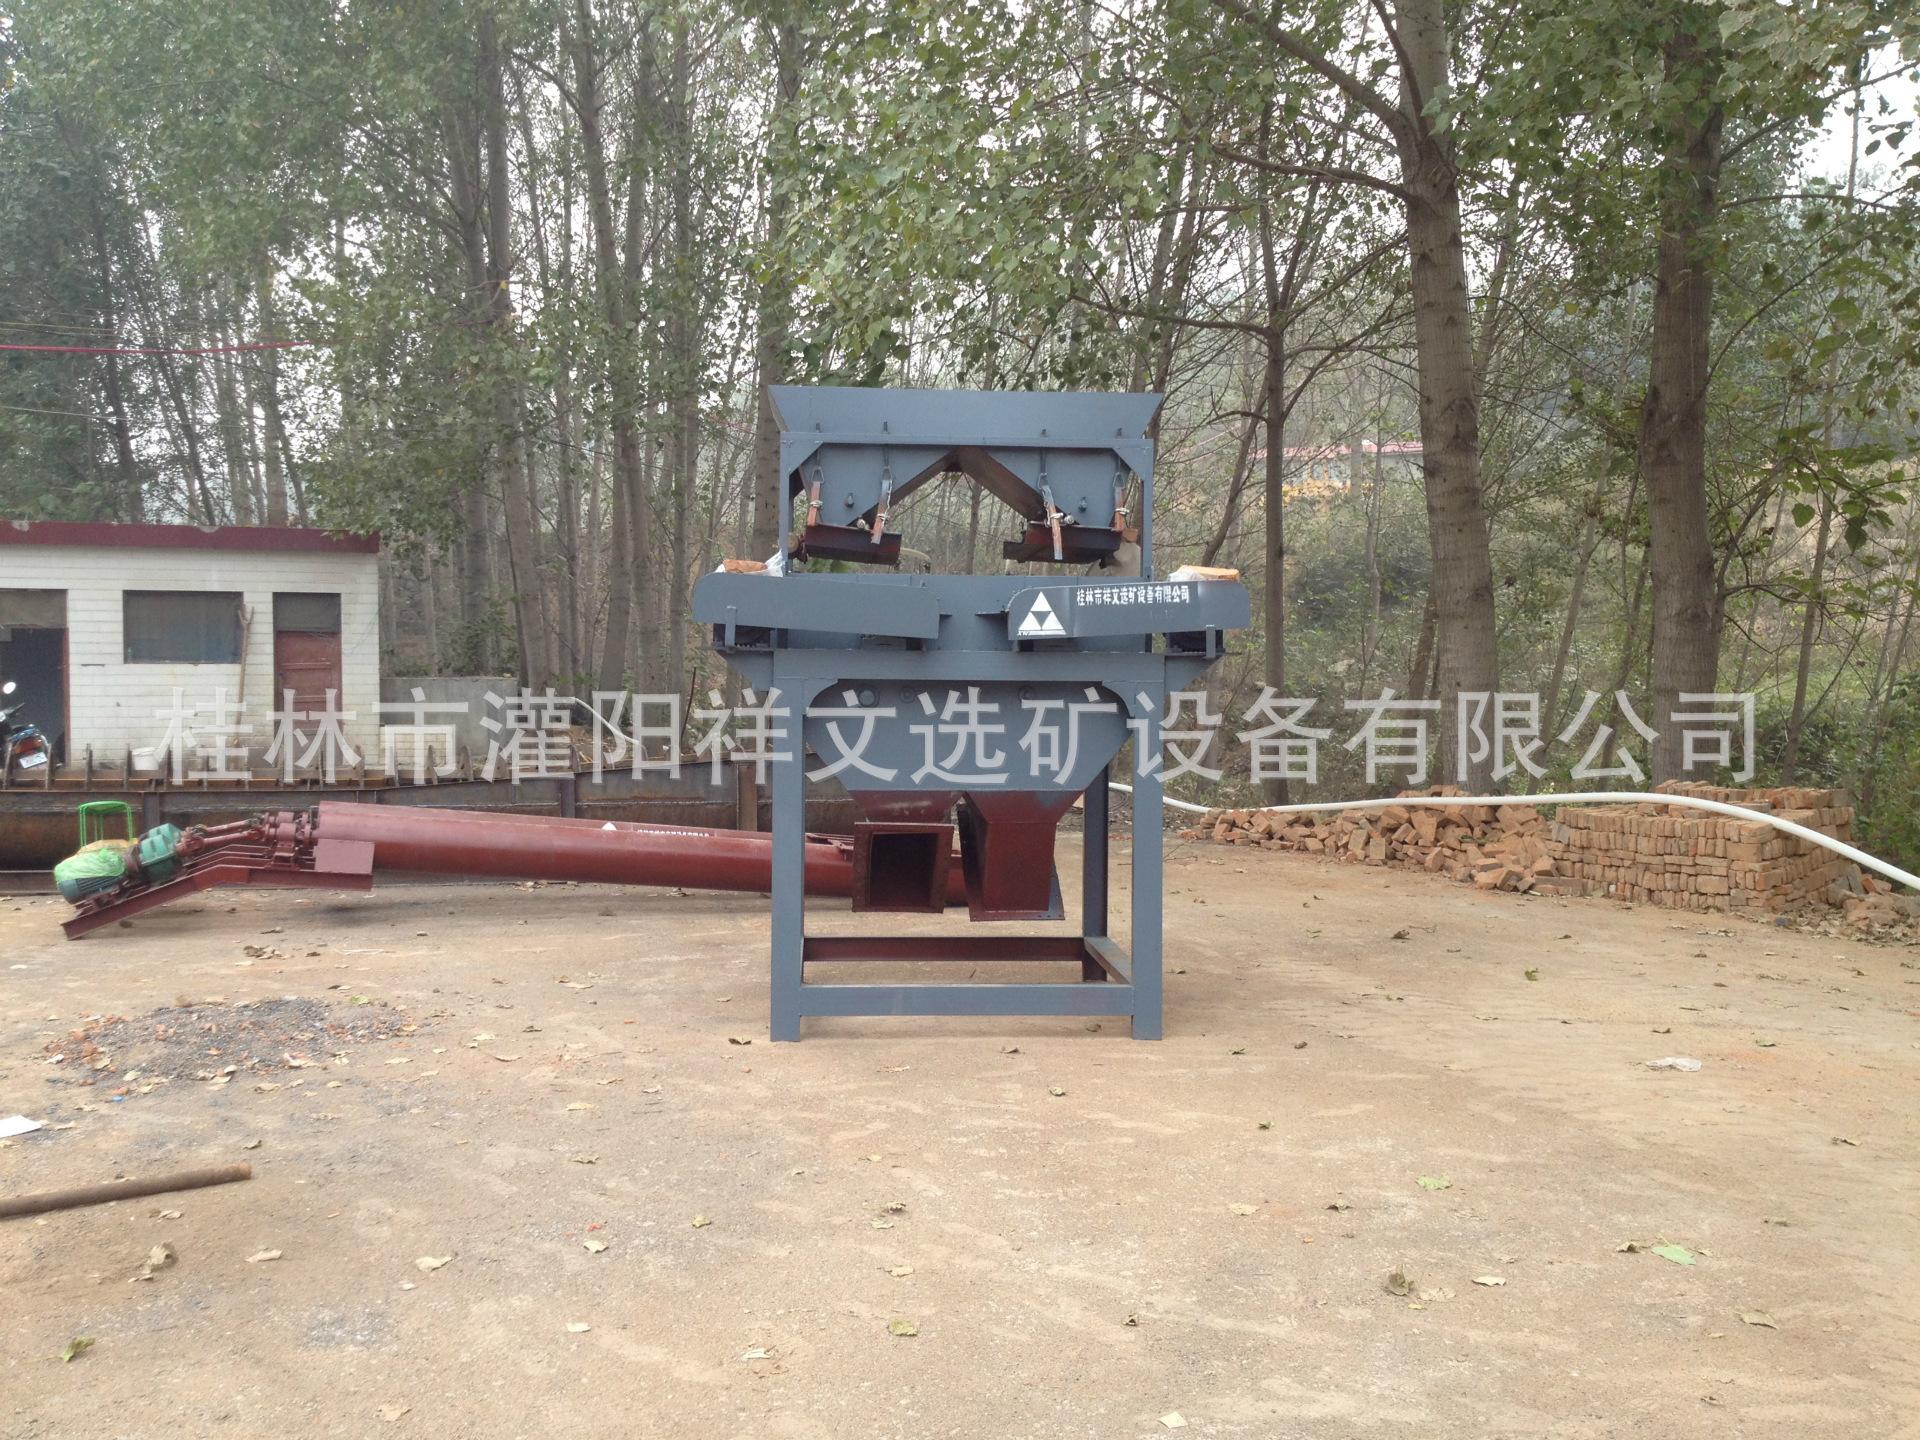 湿式磁选机 水选式磁选机 湿式除铁磁选机 永磁 褐铁矿 赤铁矿 阿里巴巴